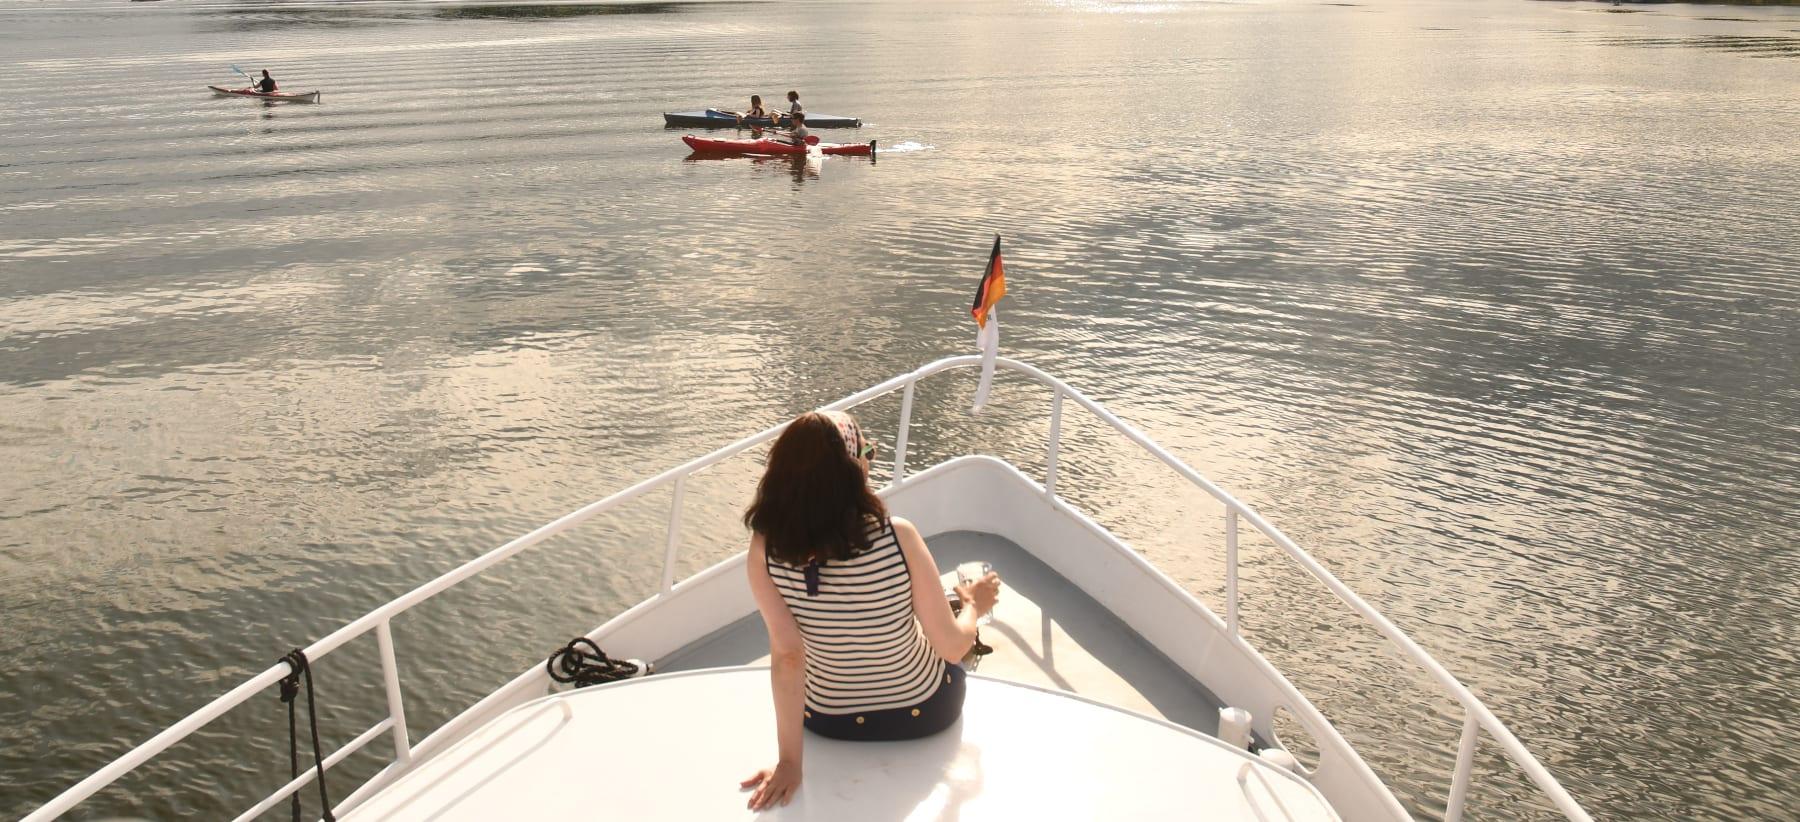 Frau sitzt auf Motorboot und schaut auf See